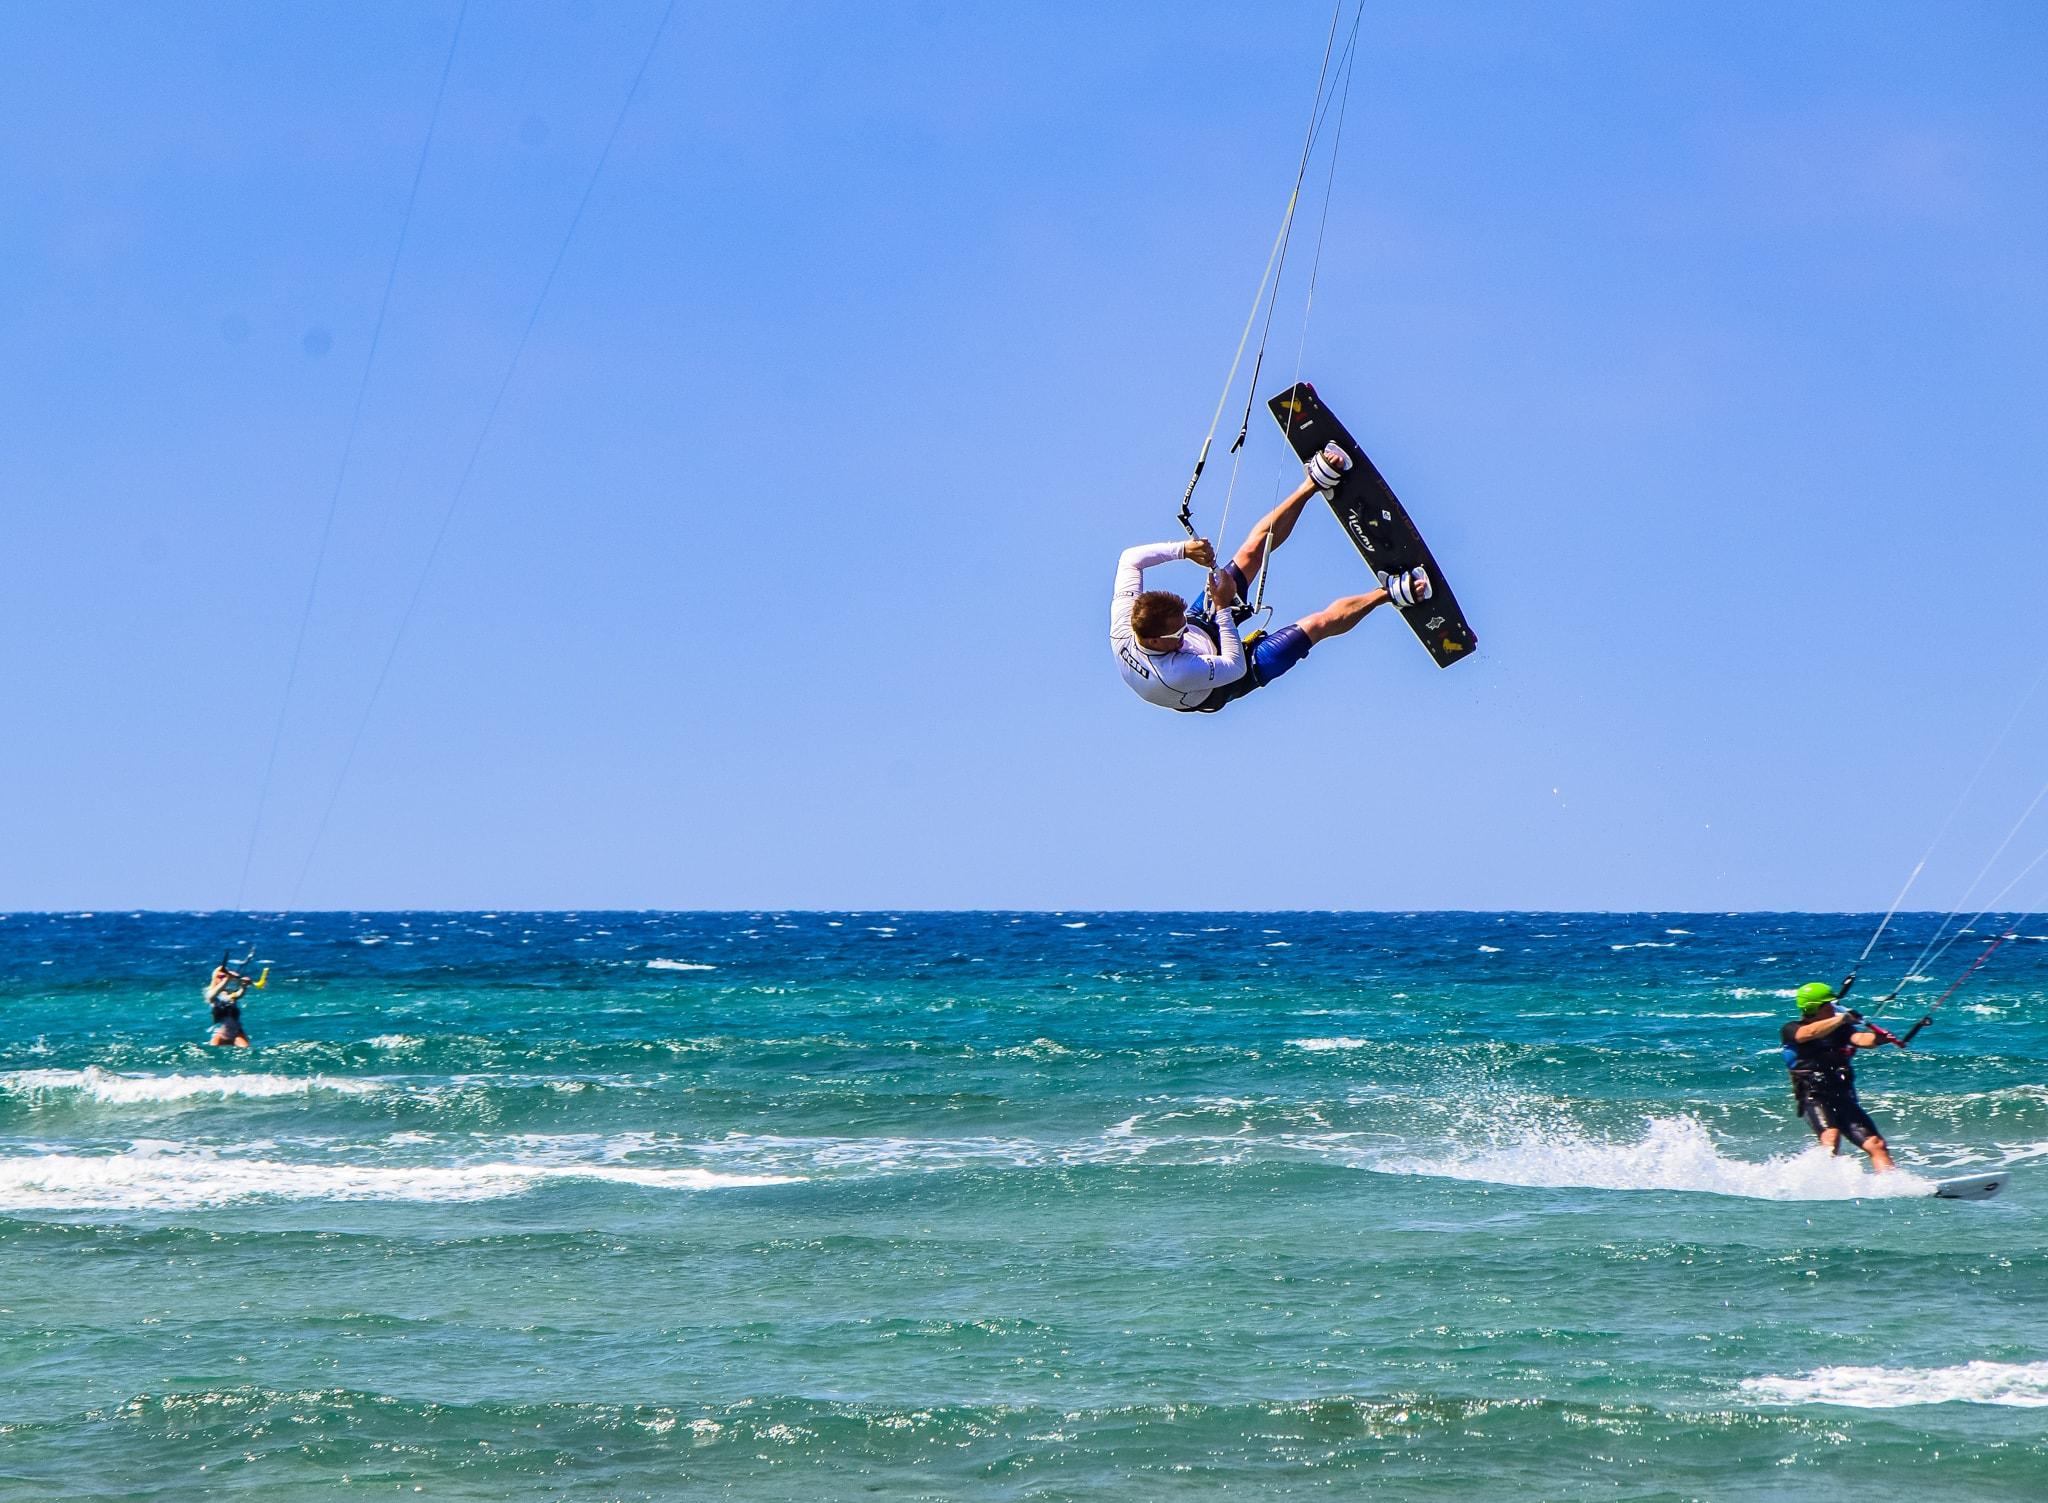 kite surfing in prasonisi beach